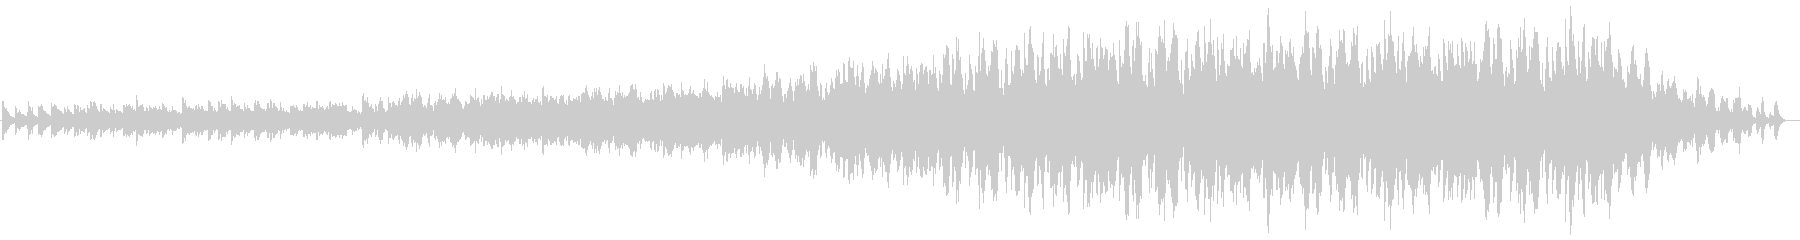 ピアノ5音階5コード5拍子ミニマルの未再生の波形